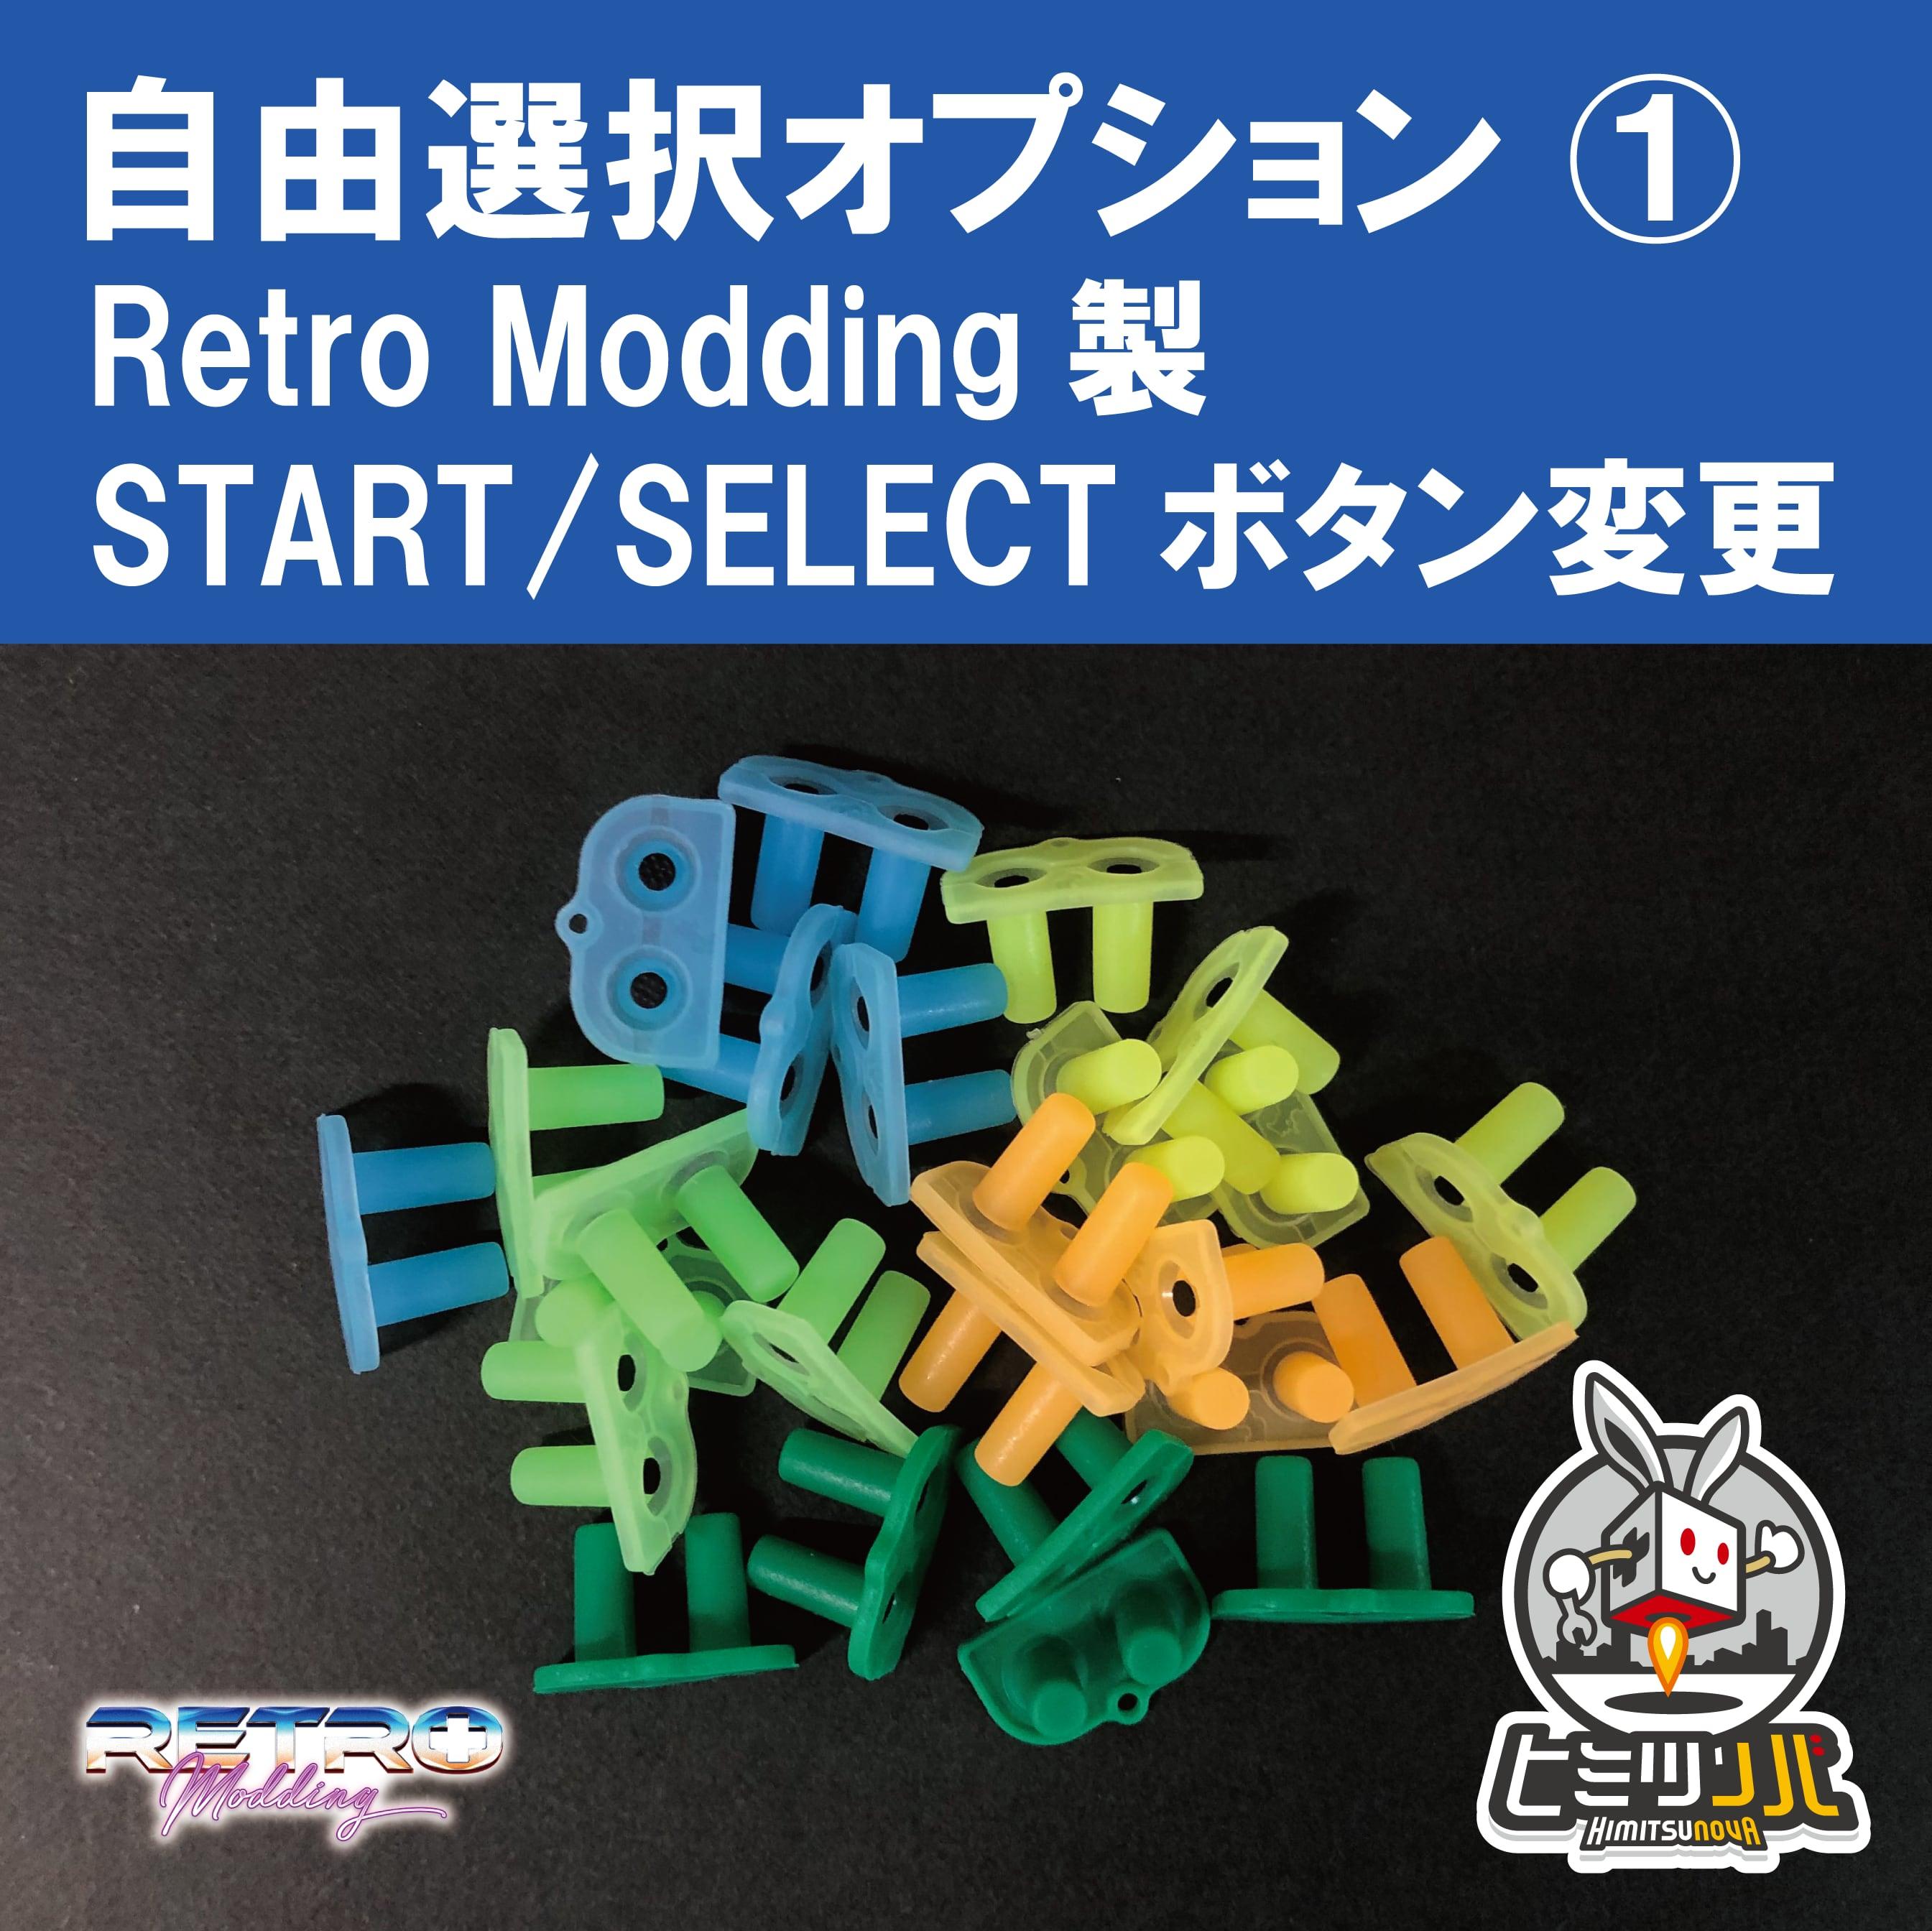 ラバーパッド【Retro Modding】